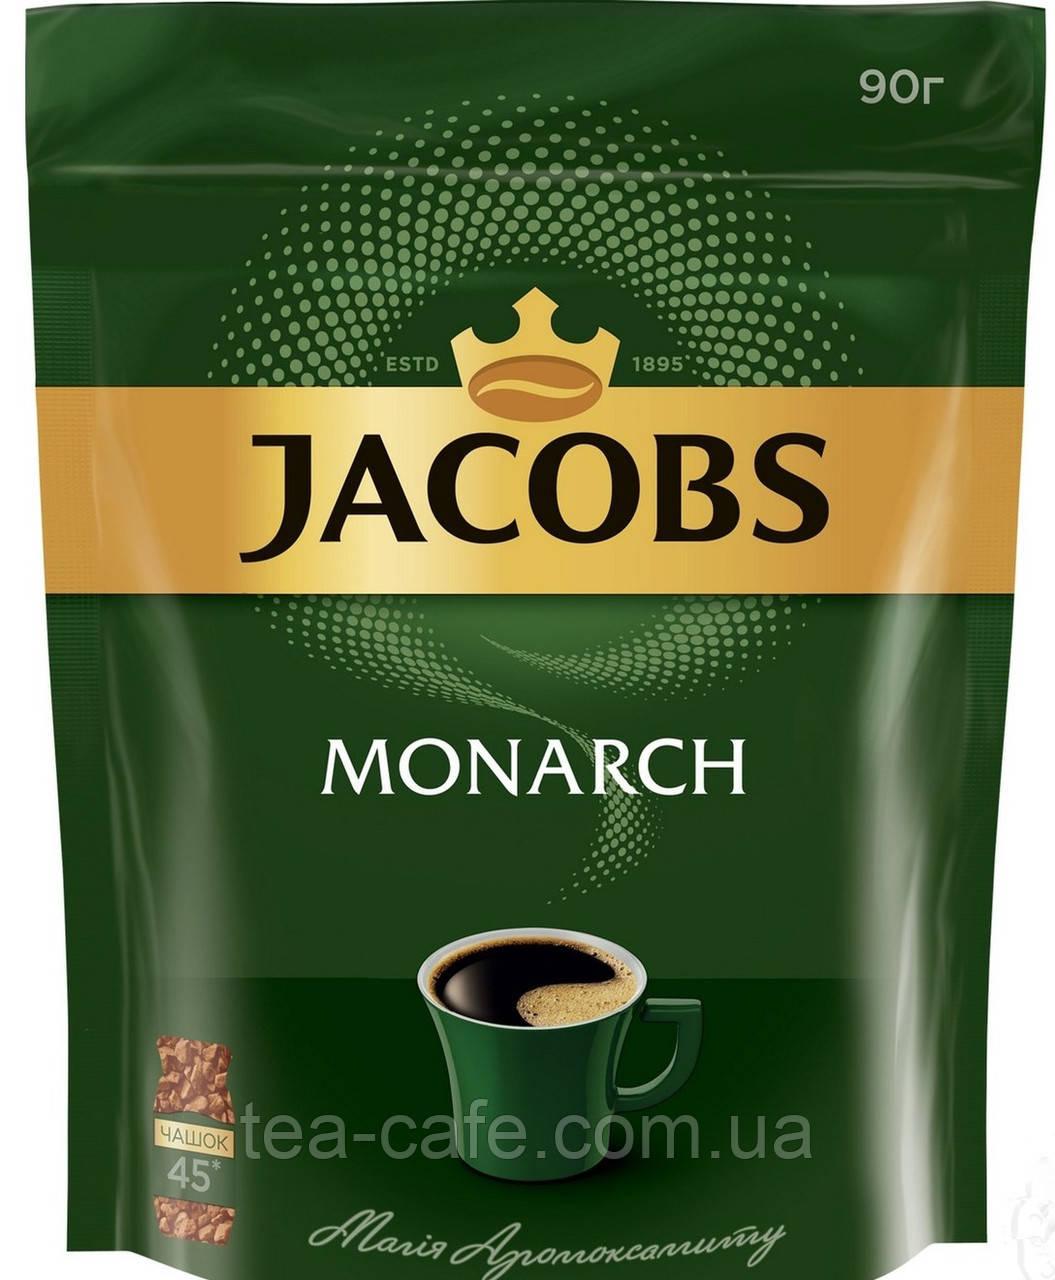 Кофе Jacobs Monarch растворимый сублимированный, 90 гр.